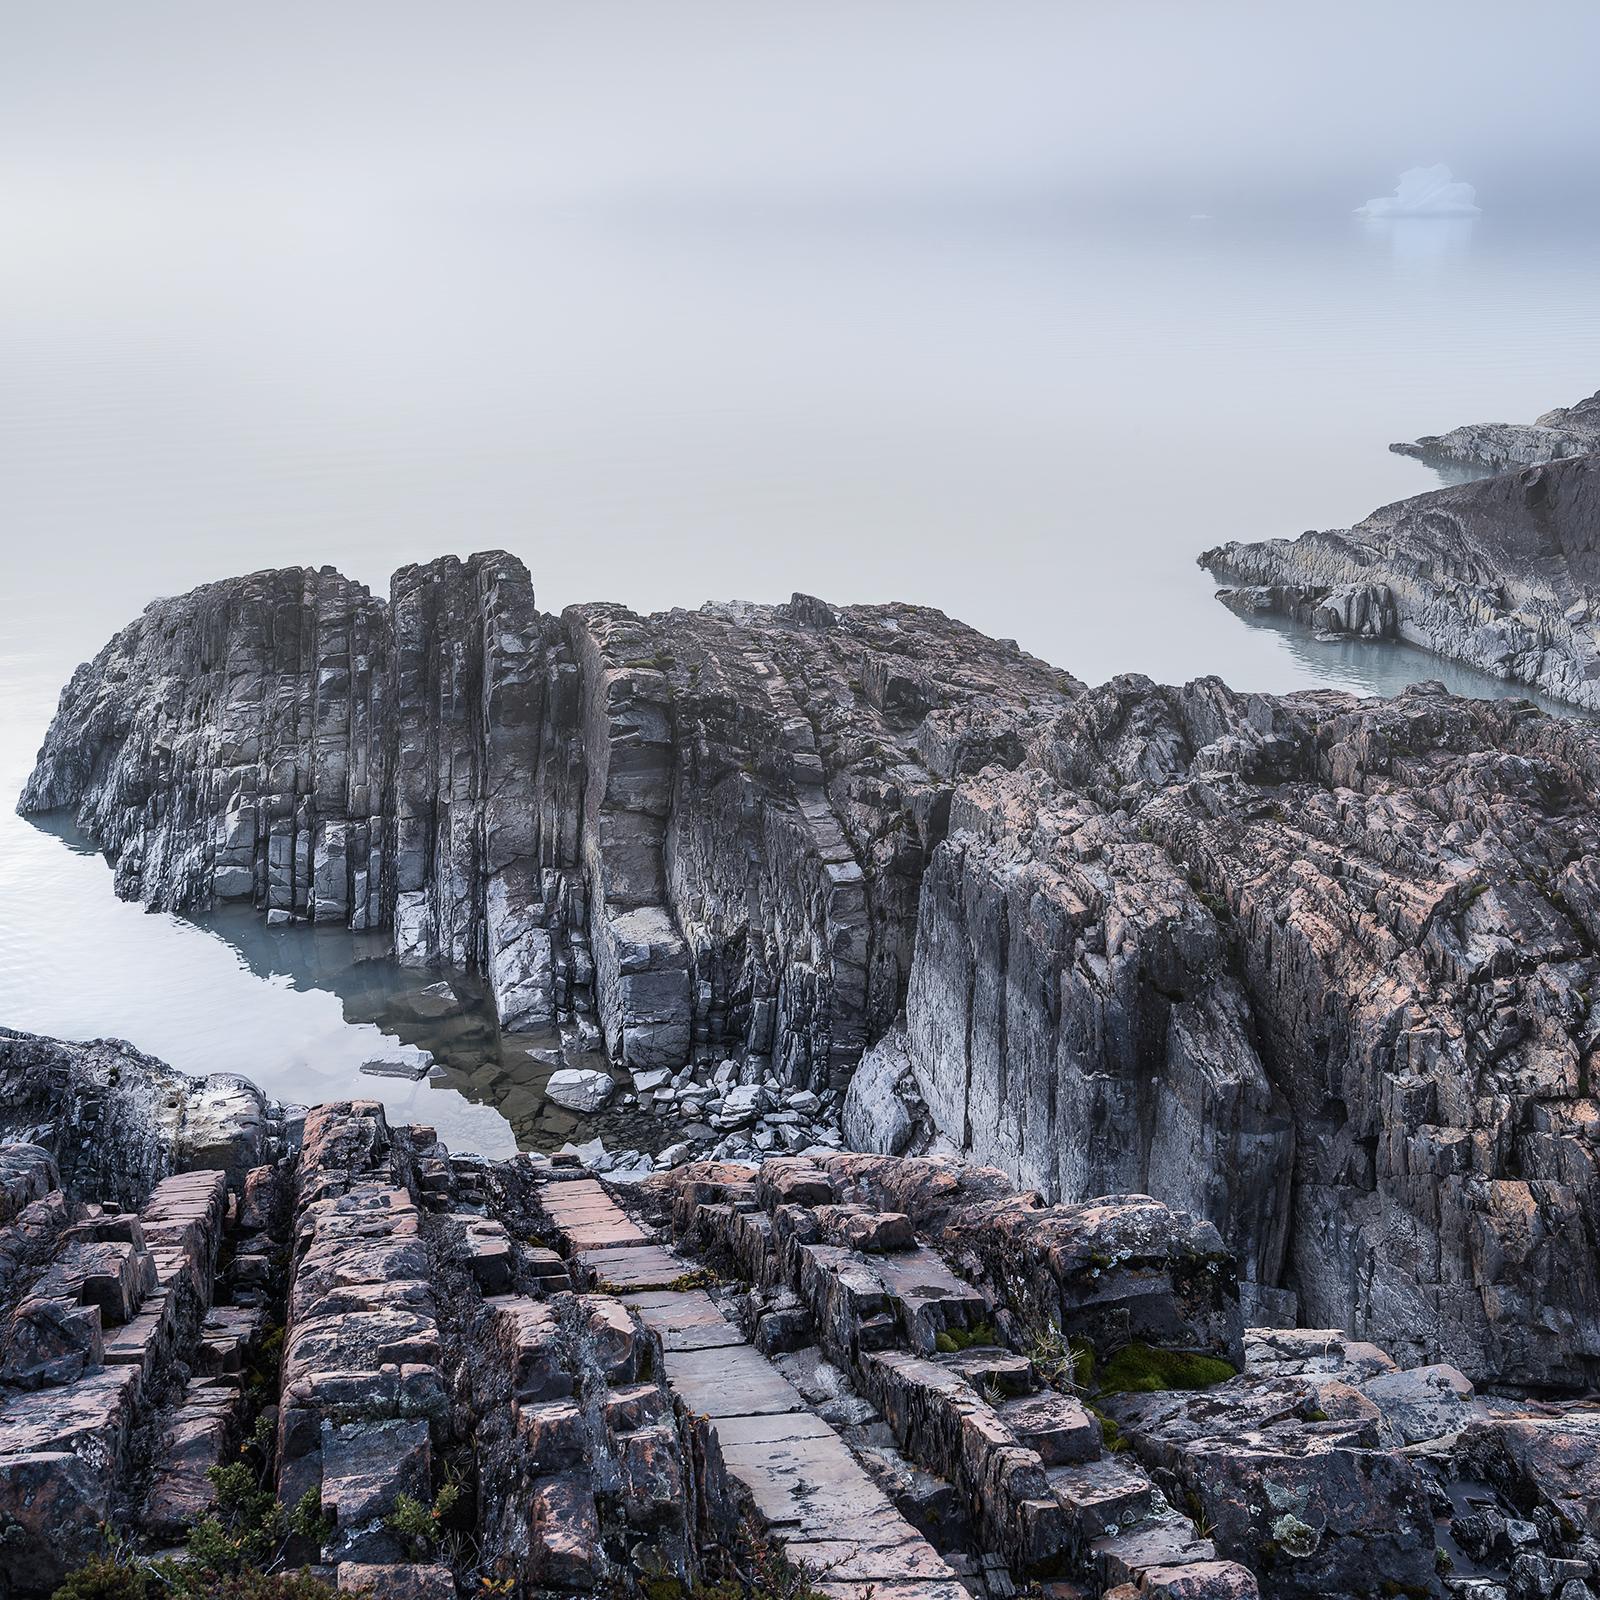 Lago Grey, study#1 - Torres del Paine, Patagonia